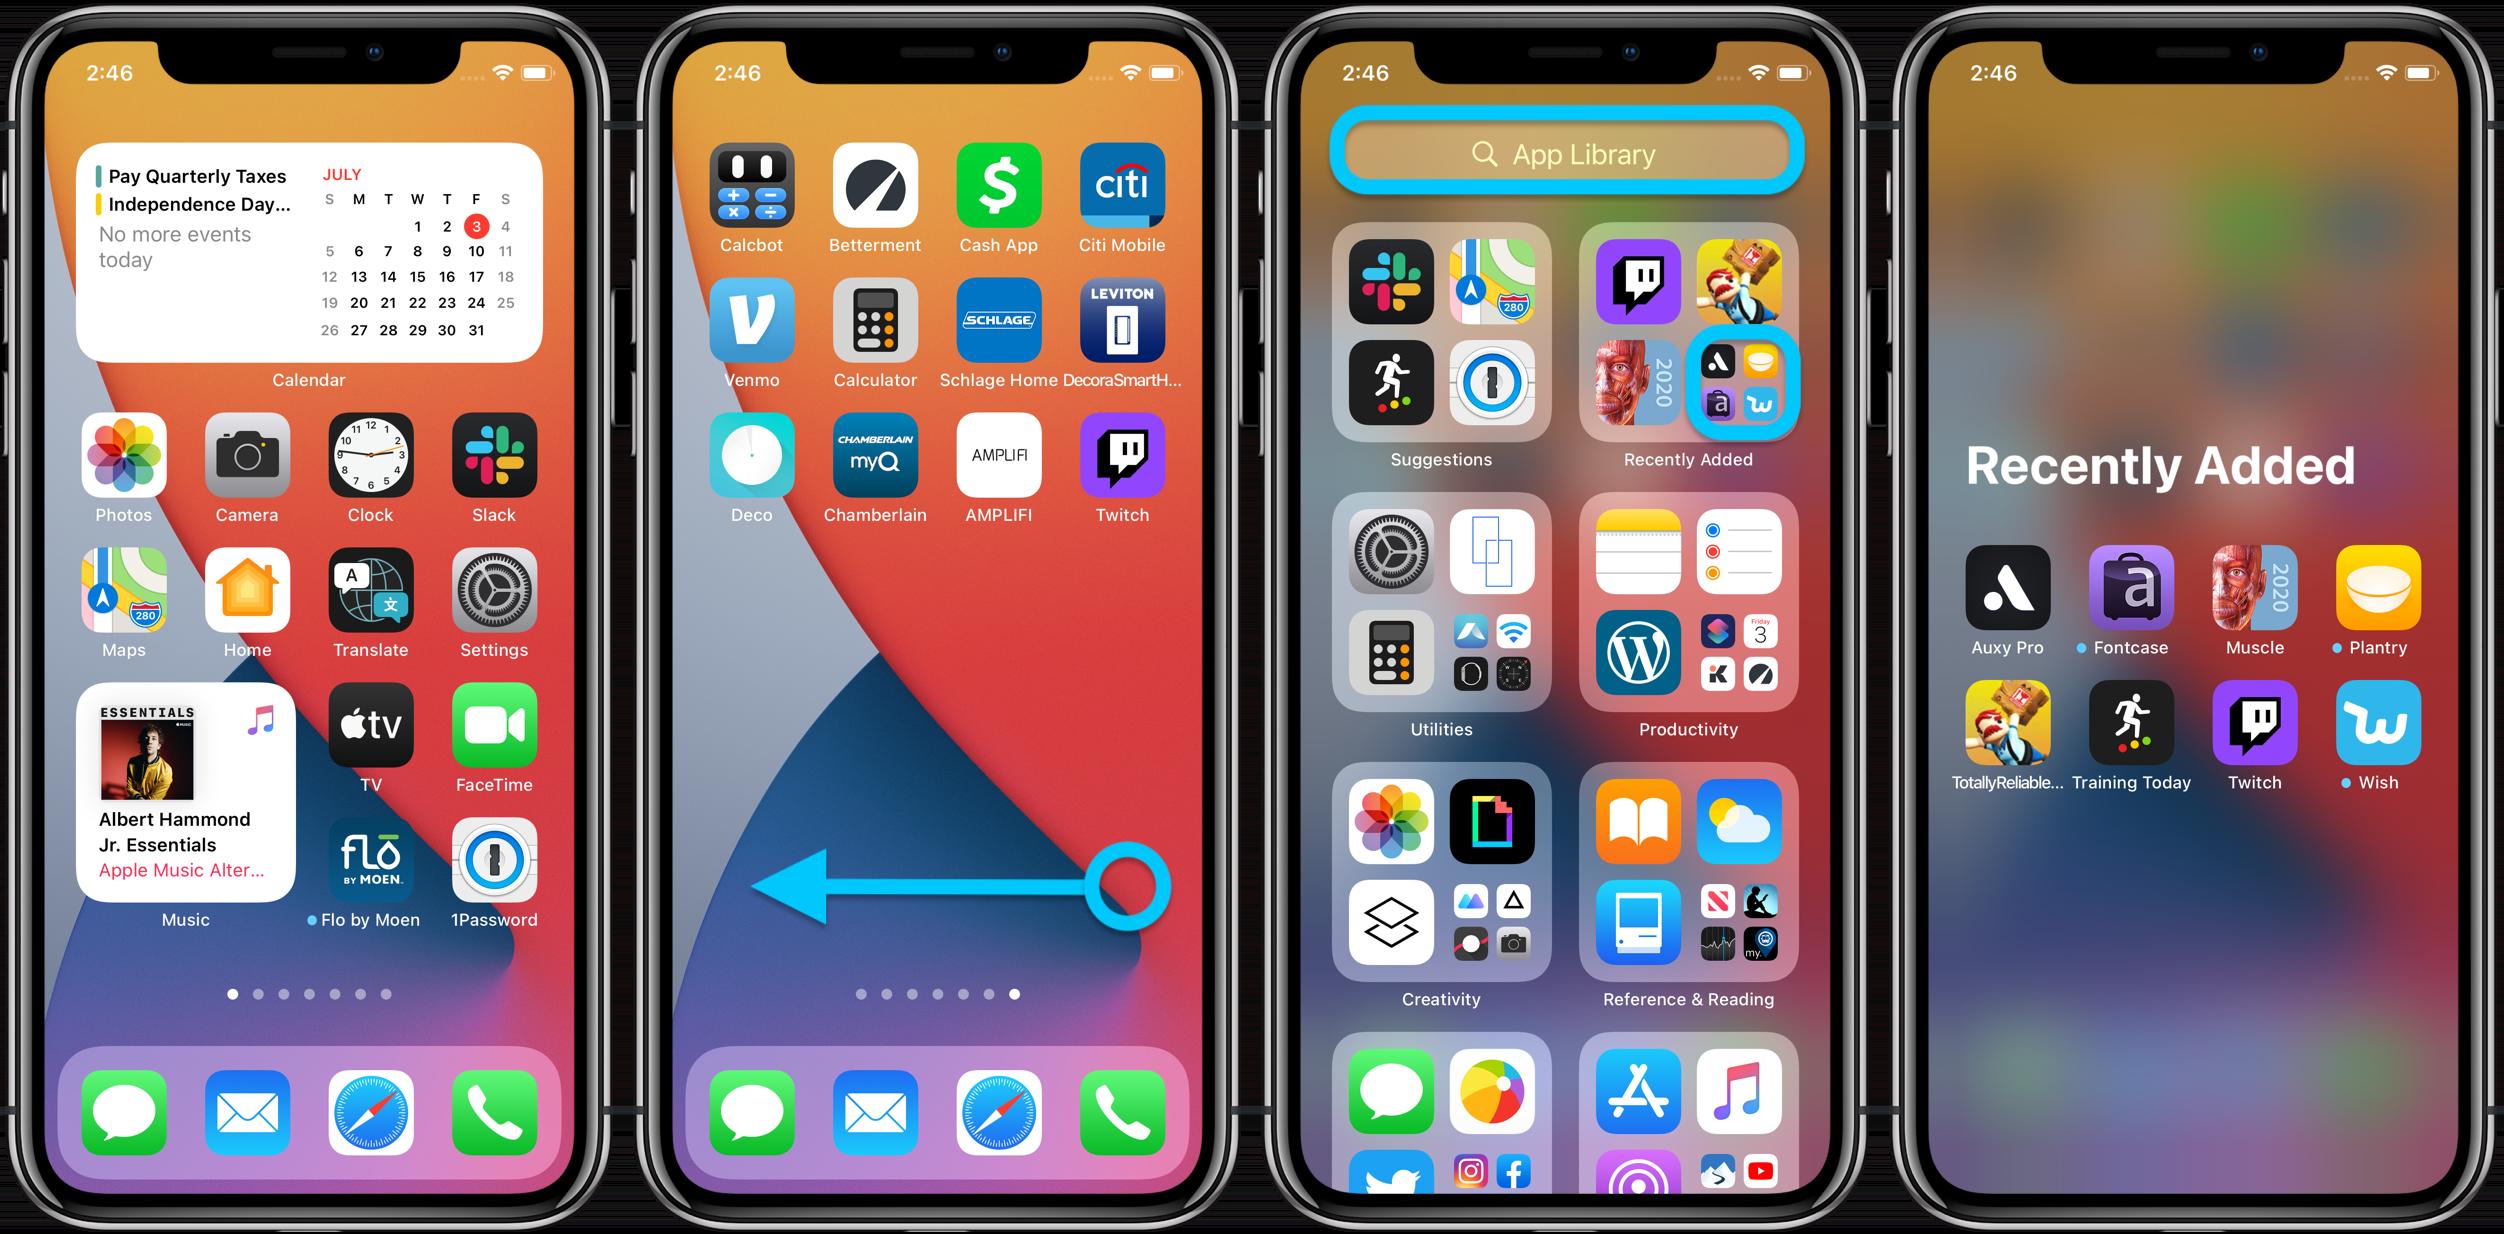 """<span href=""""https://9to5mac.com/2020/07/03/how-to-use-iphone-app-library-ios-14/"""">Manos: Todo lo que puedes hacer con la nueva Aplicación para iPhone de la Biblioteca en iOS 14</a>"""